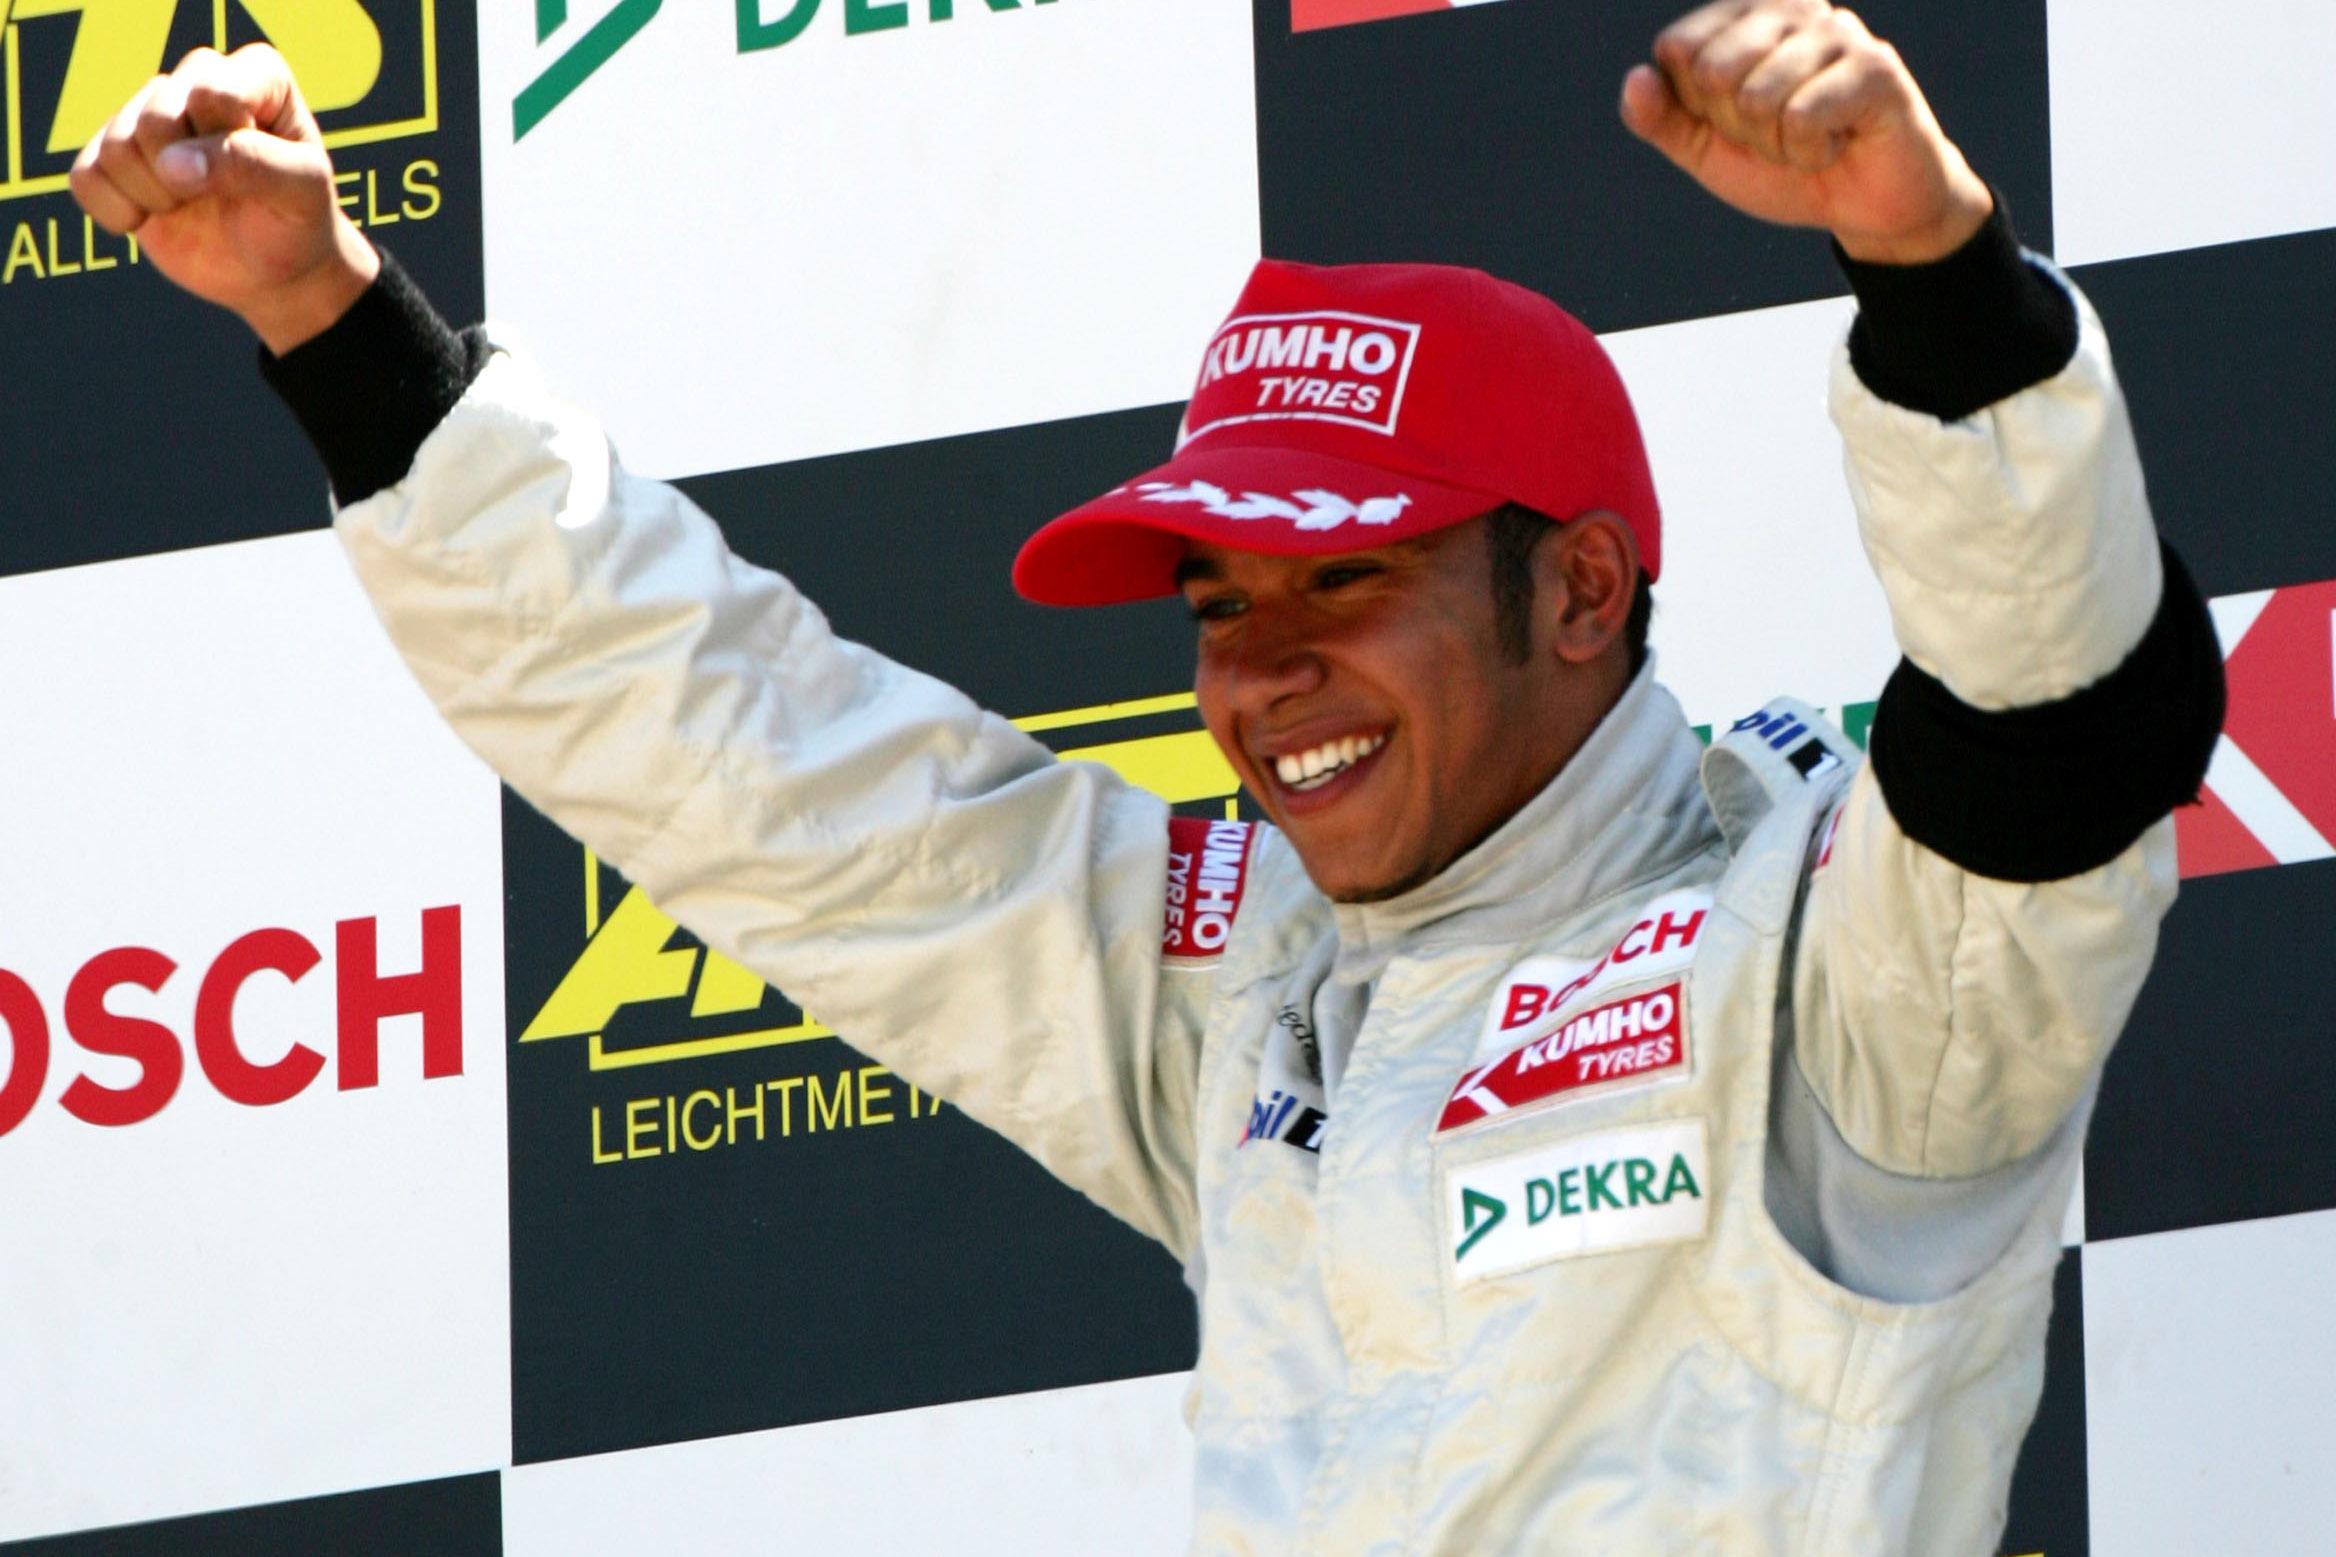 Lewis Hamilton 2004